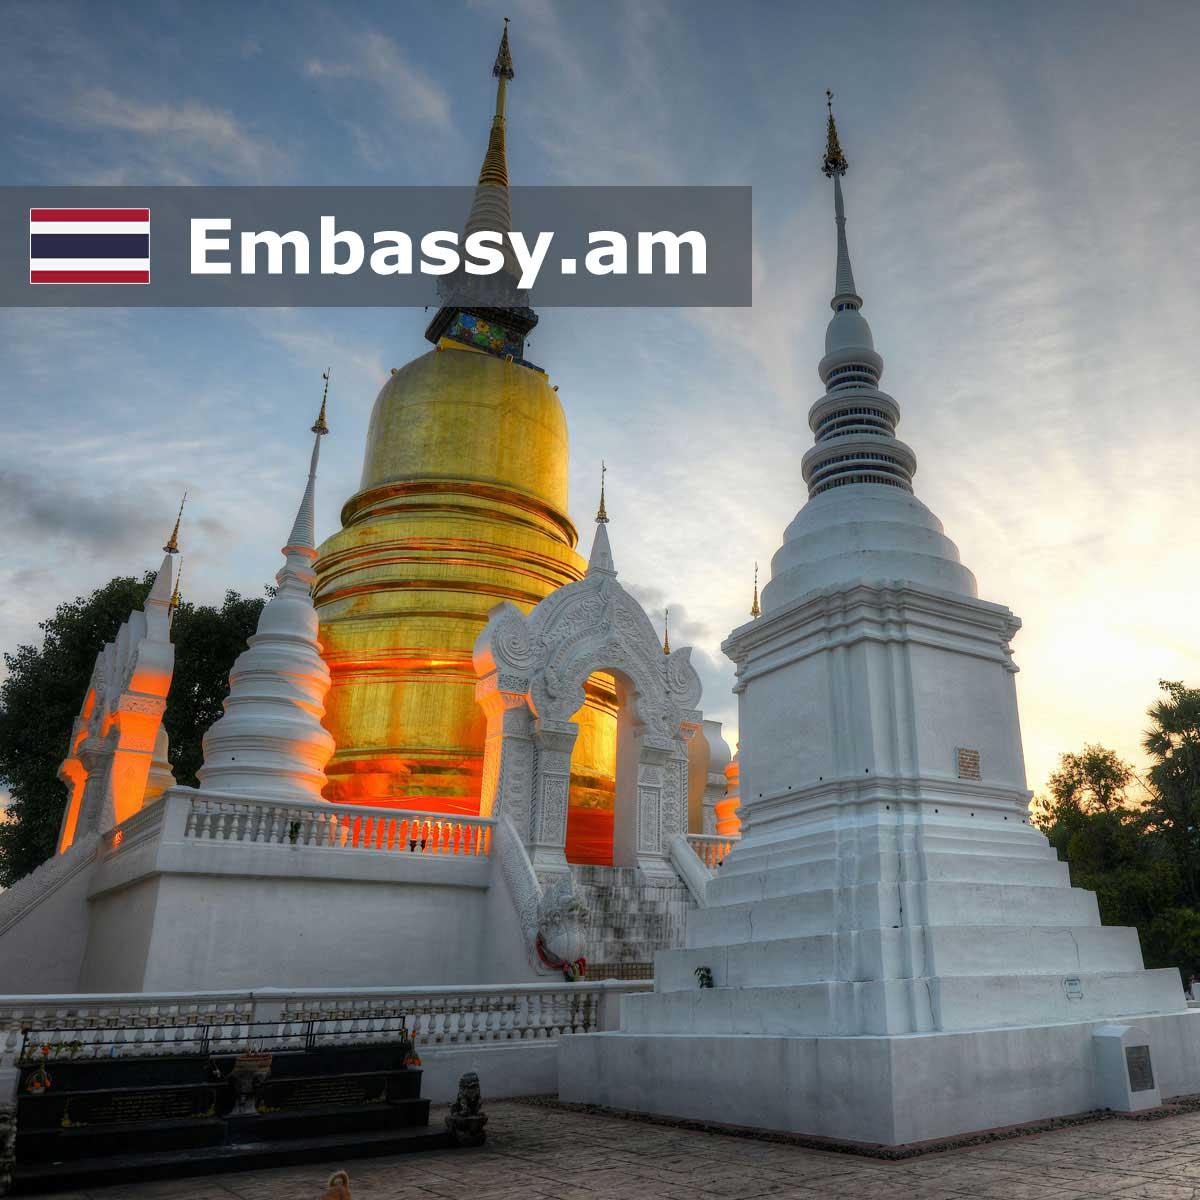 Чиангмай - Отели в Таиланде - Embassy.am